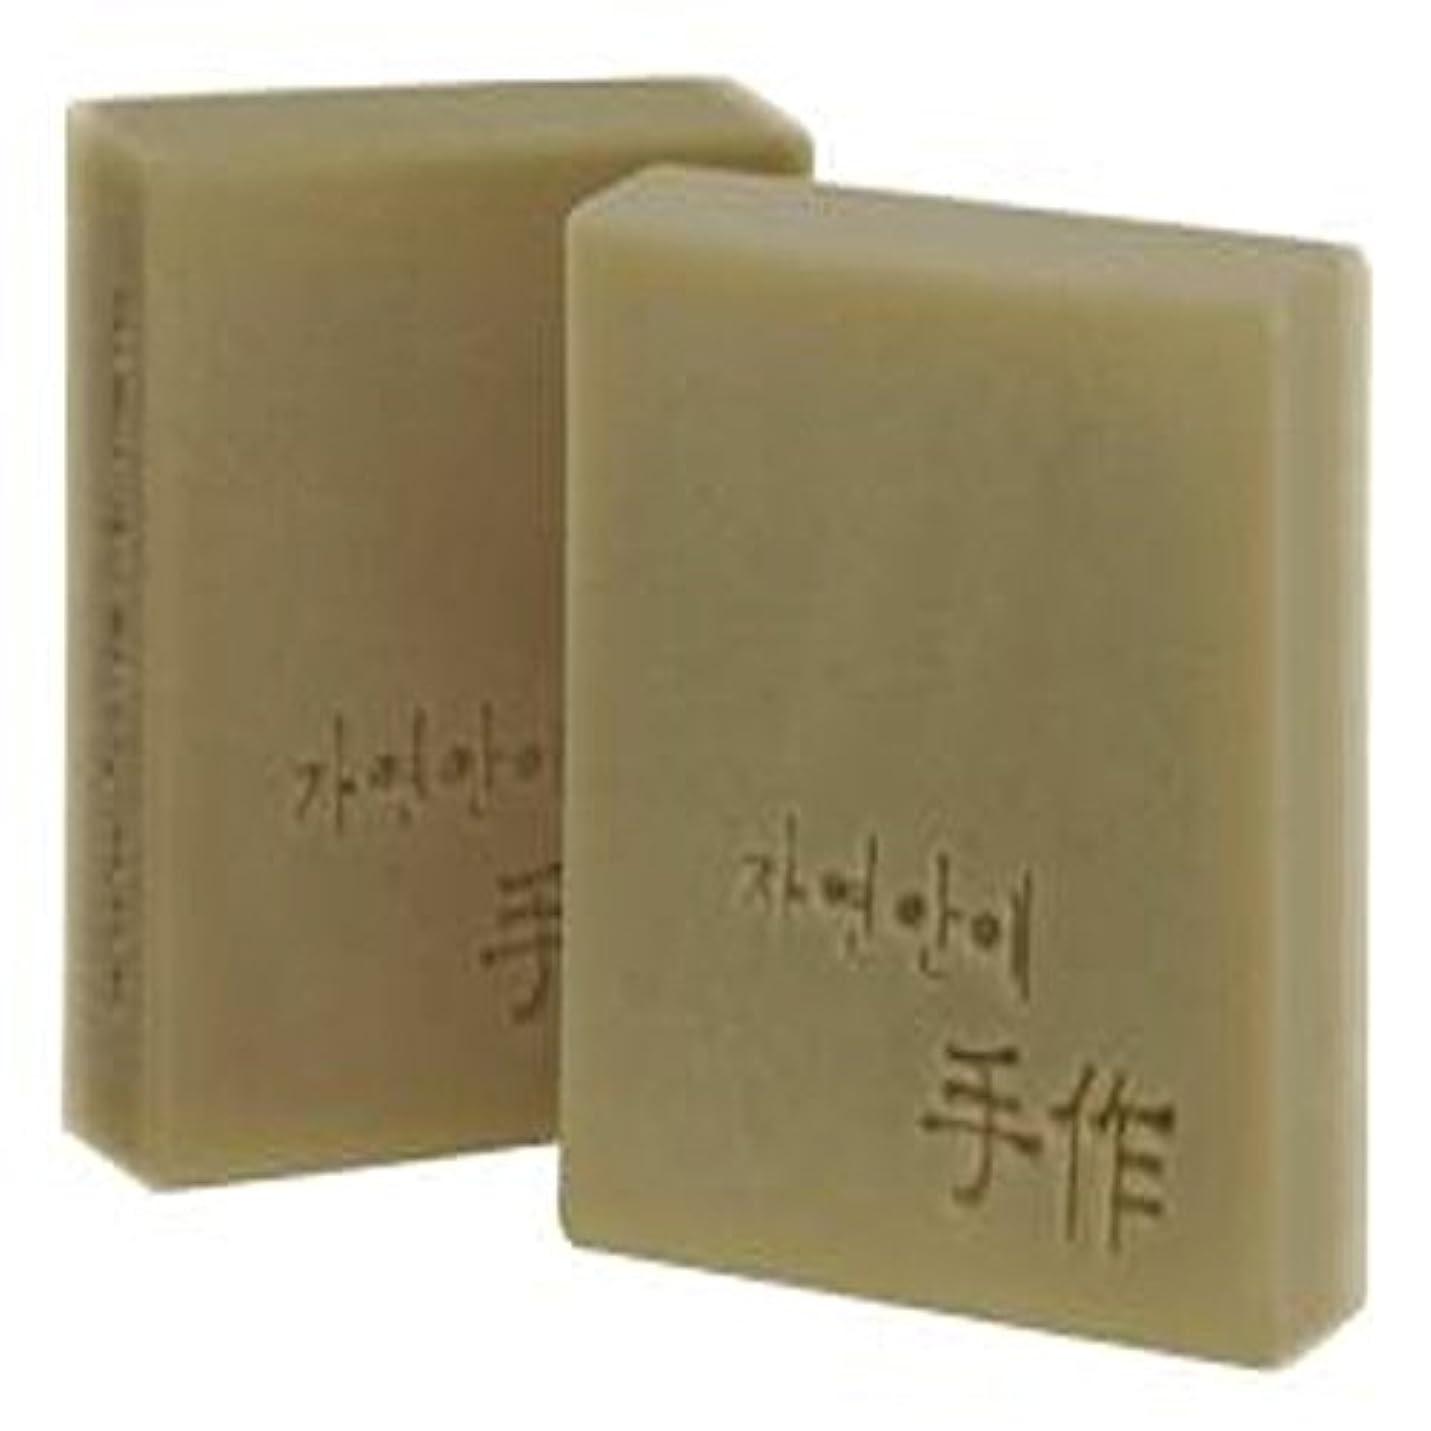 適切なビタミン人形Natural organic 有機天然ソープ 固形 無添加 洗顔せっけんクレンジング 石鹸 [並行輸入品] (米ぬか)